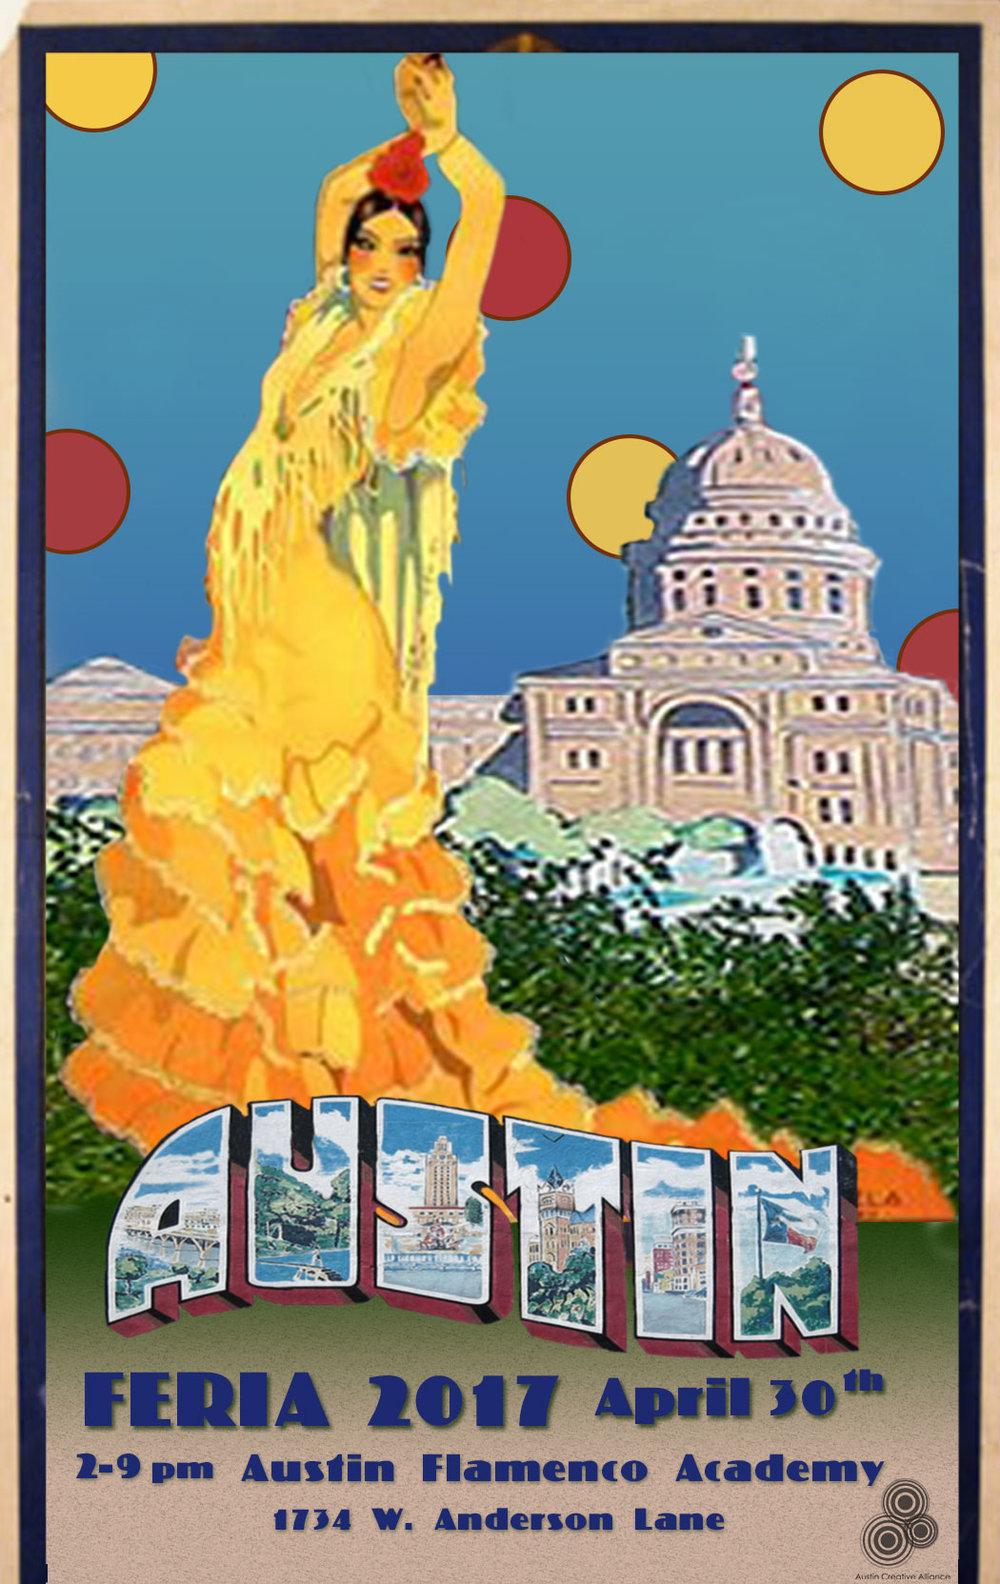 Austin Feria 2017